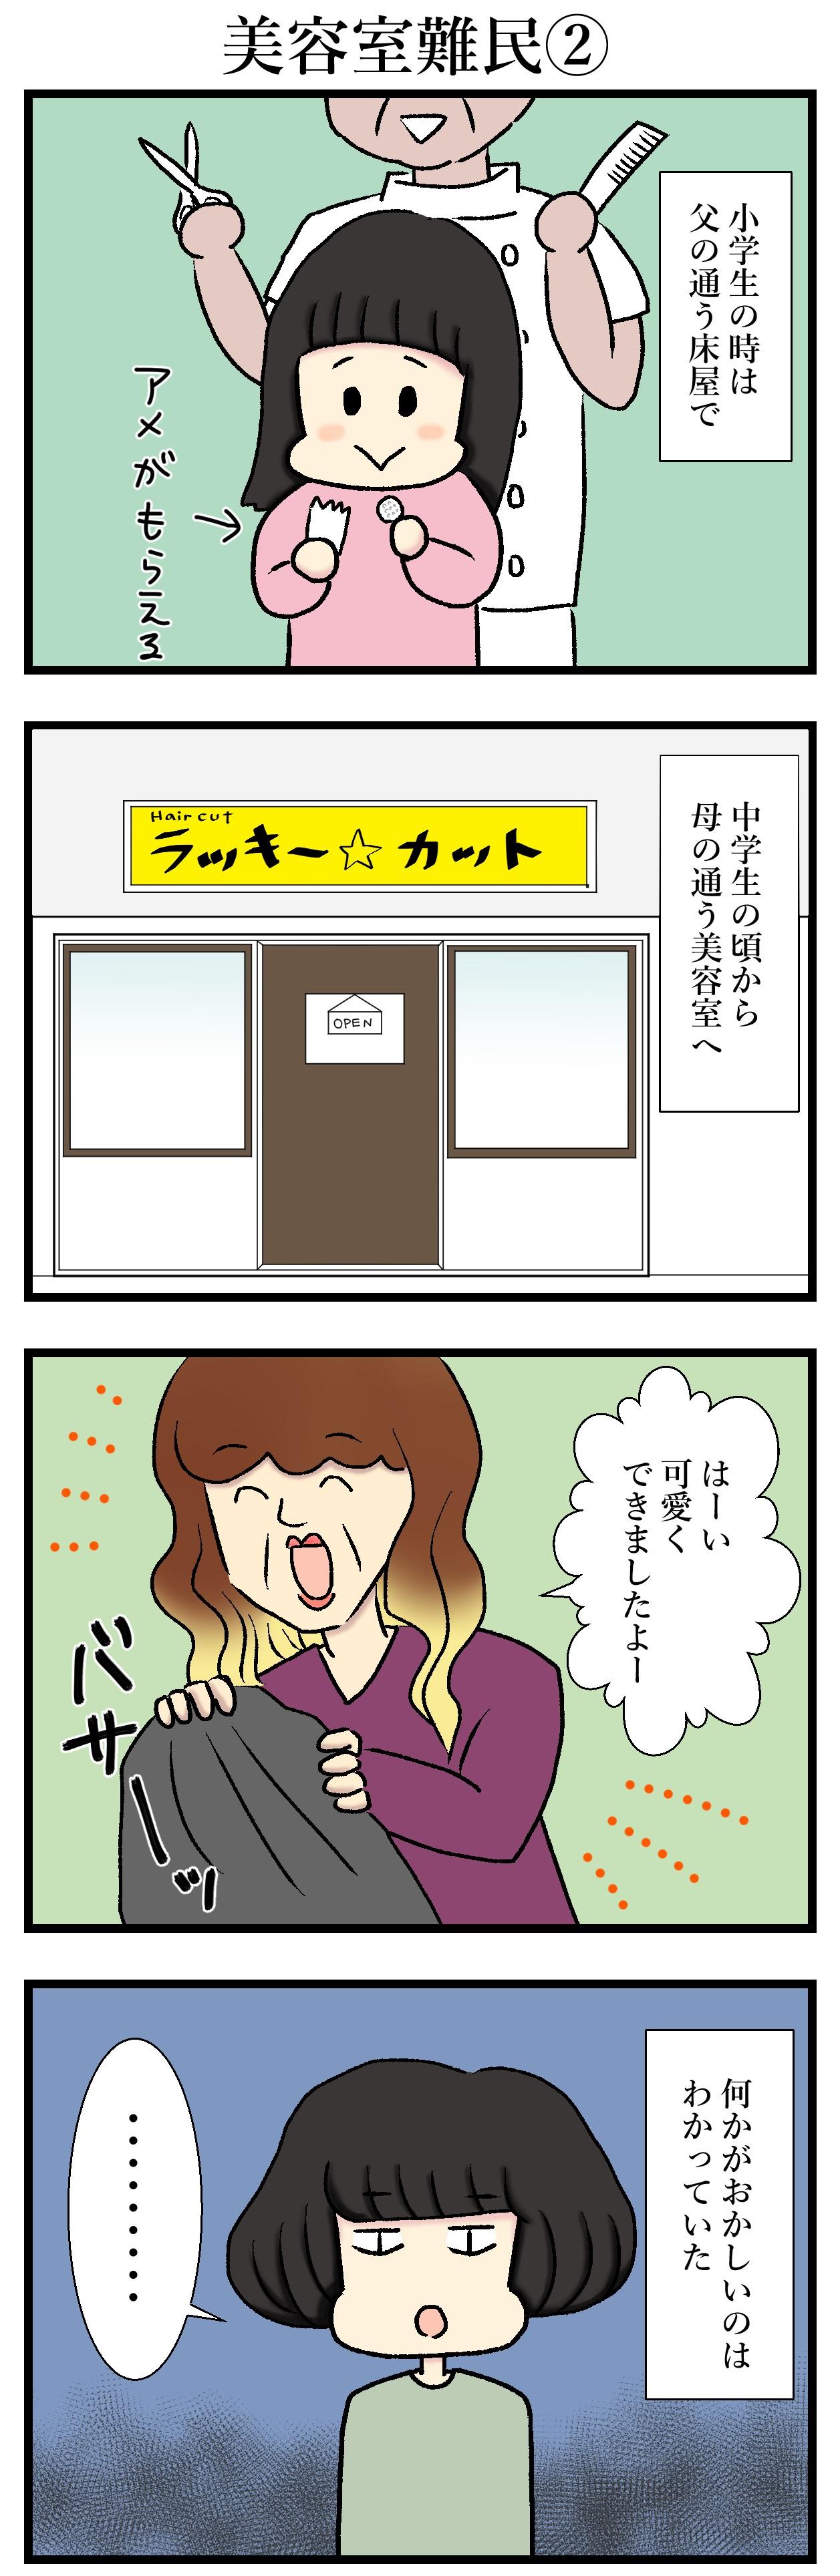 【エッセイ漫画】アラサー主婦くま子のふがいない日常(11)